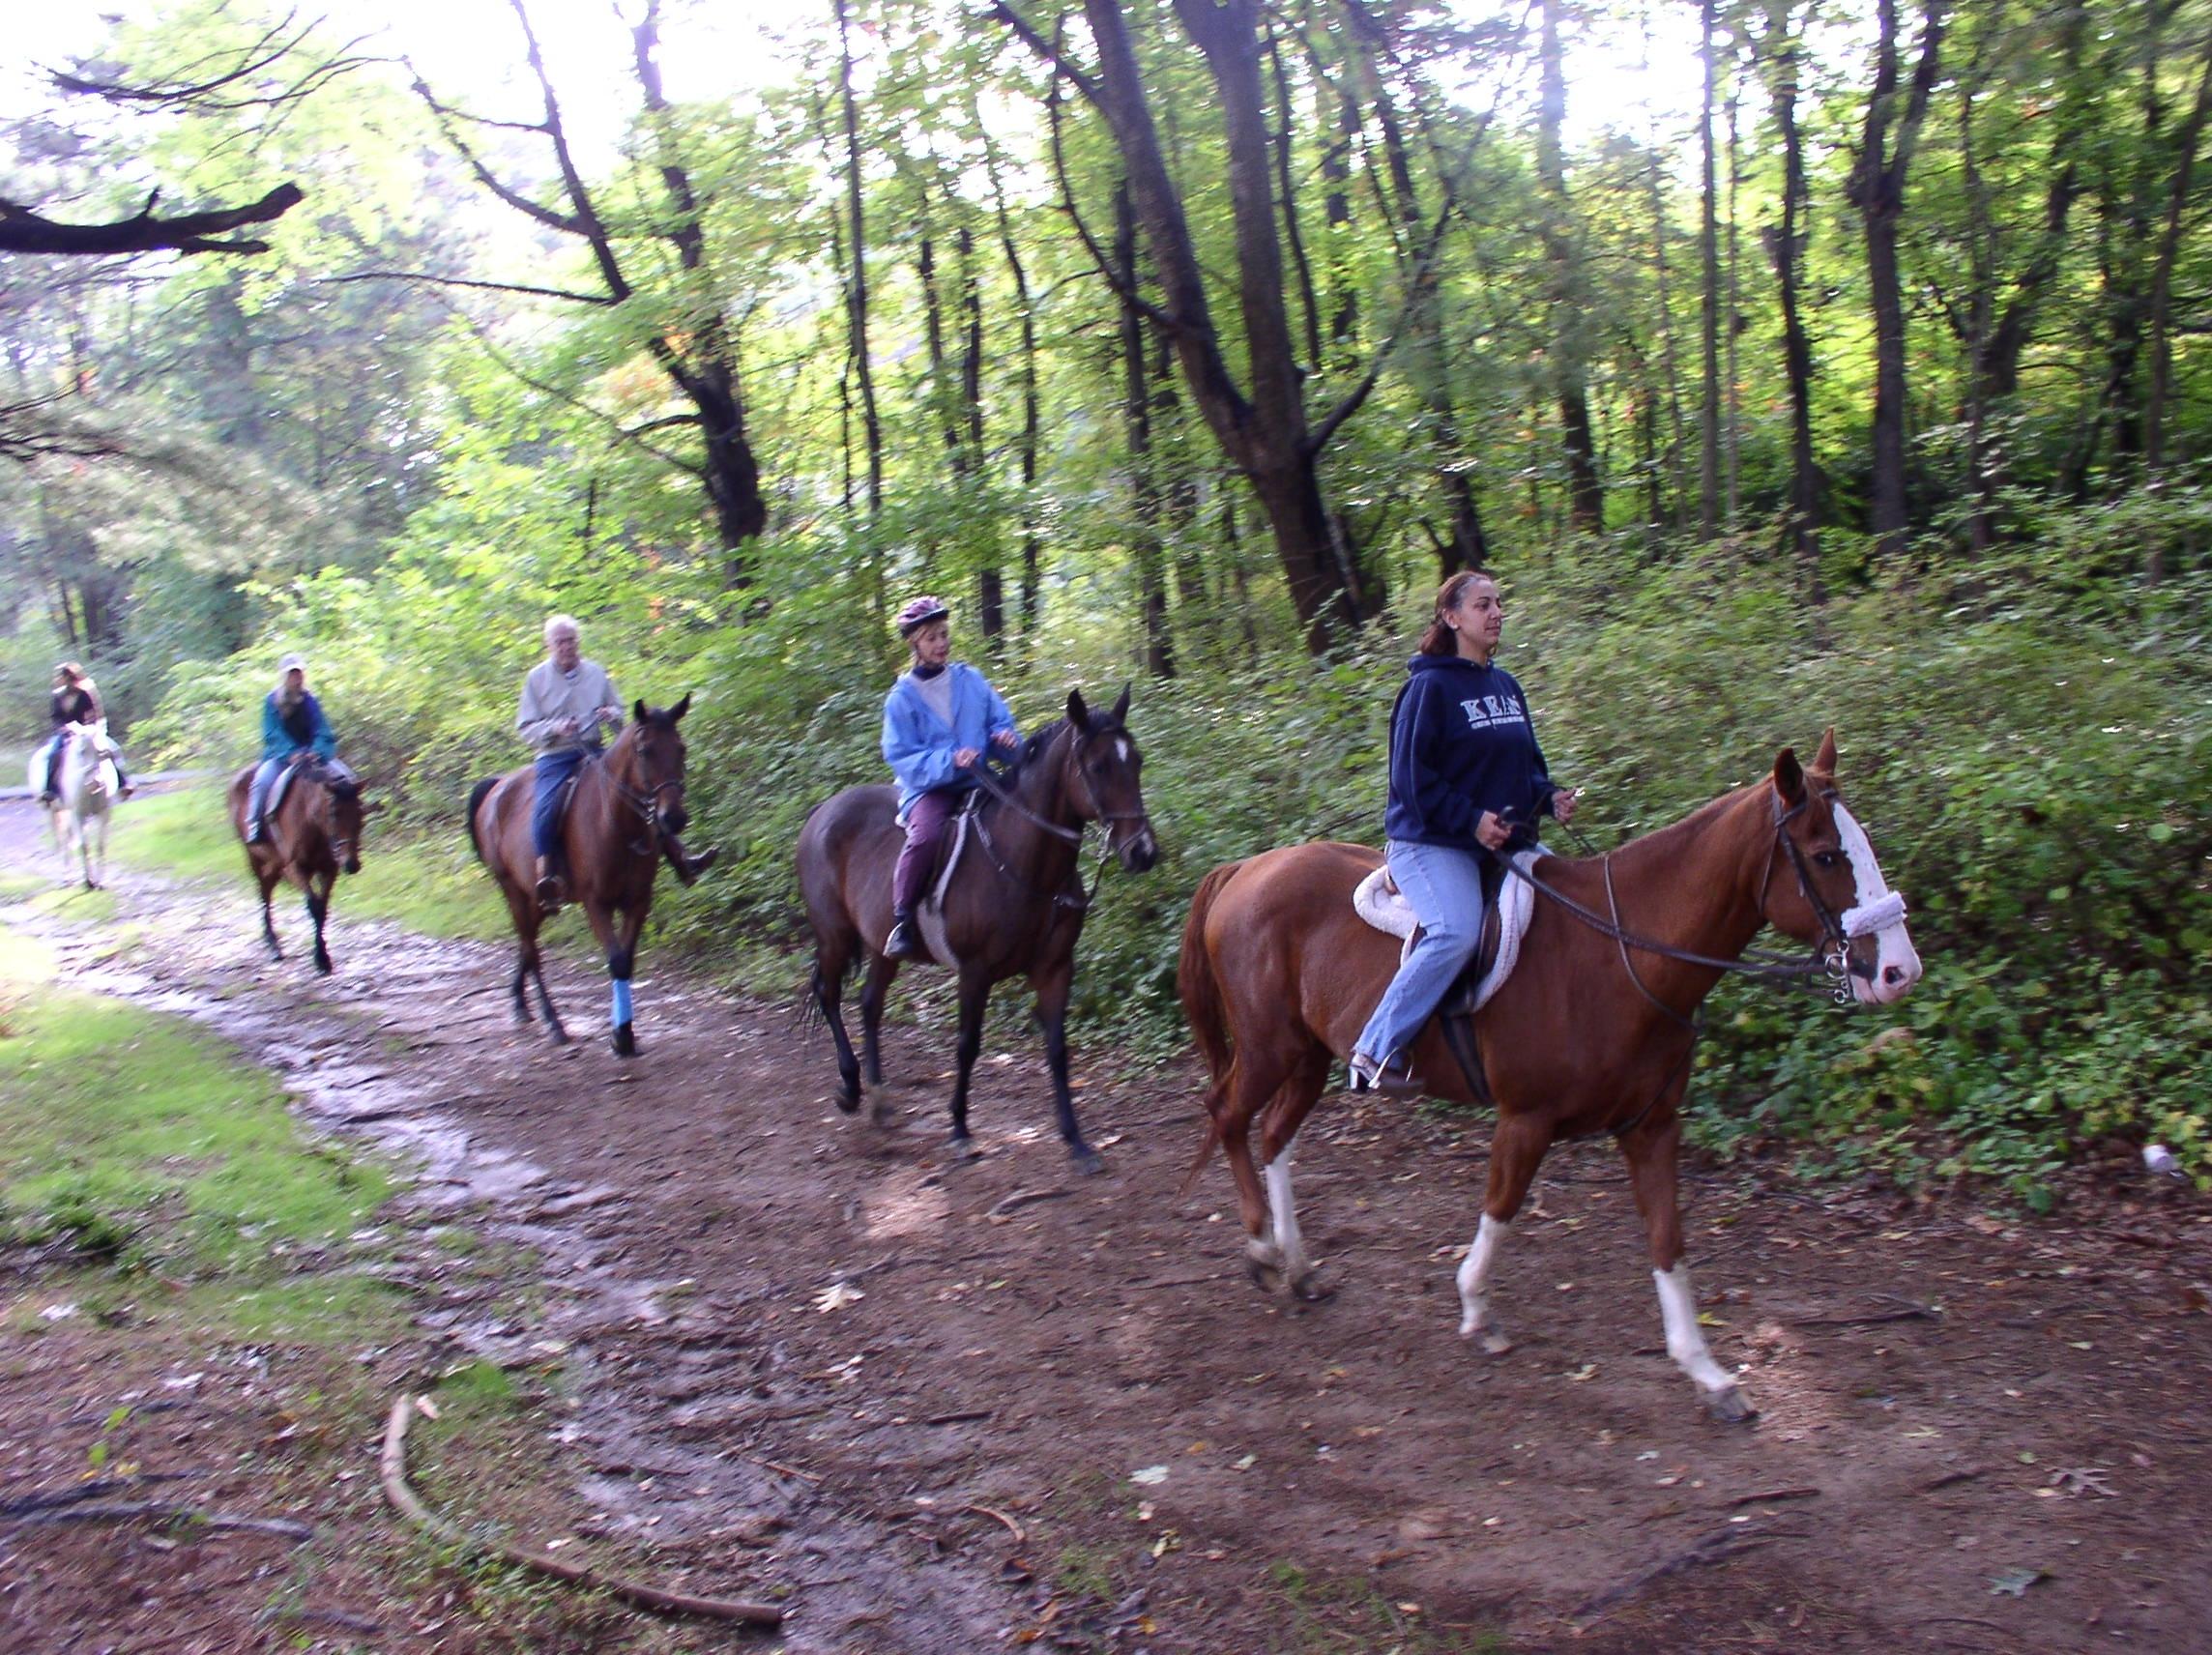 cc5a81bdd71aea9fd7b8_trail_ride4.JPG